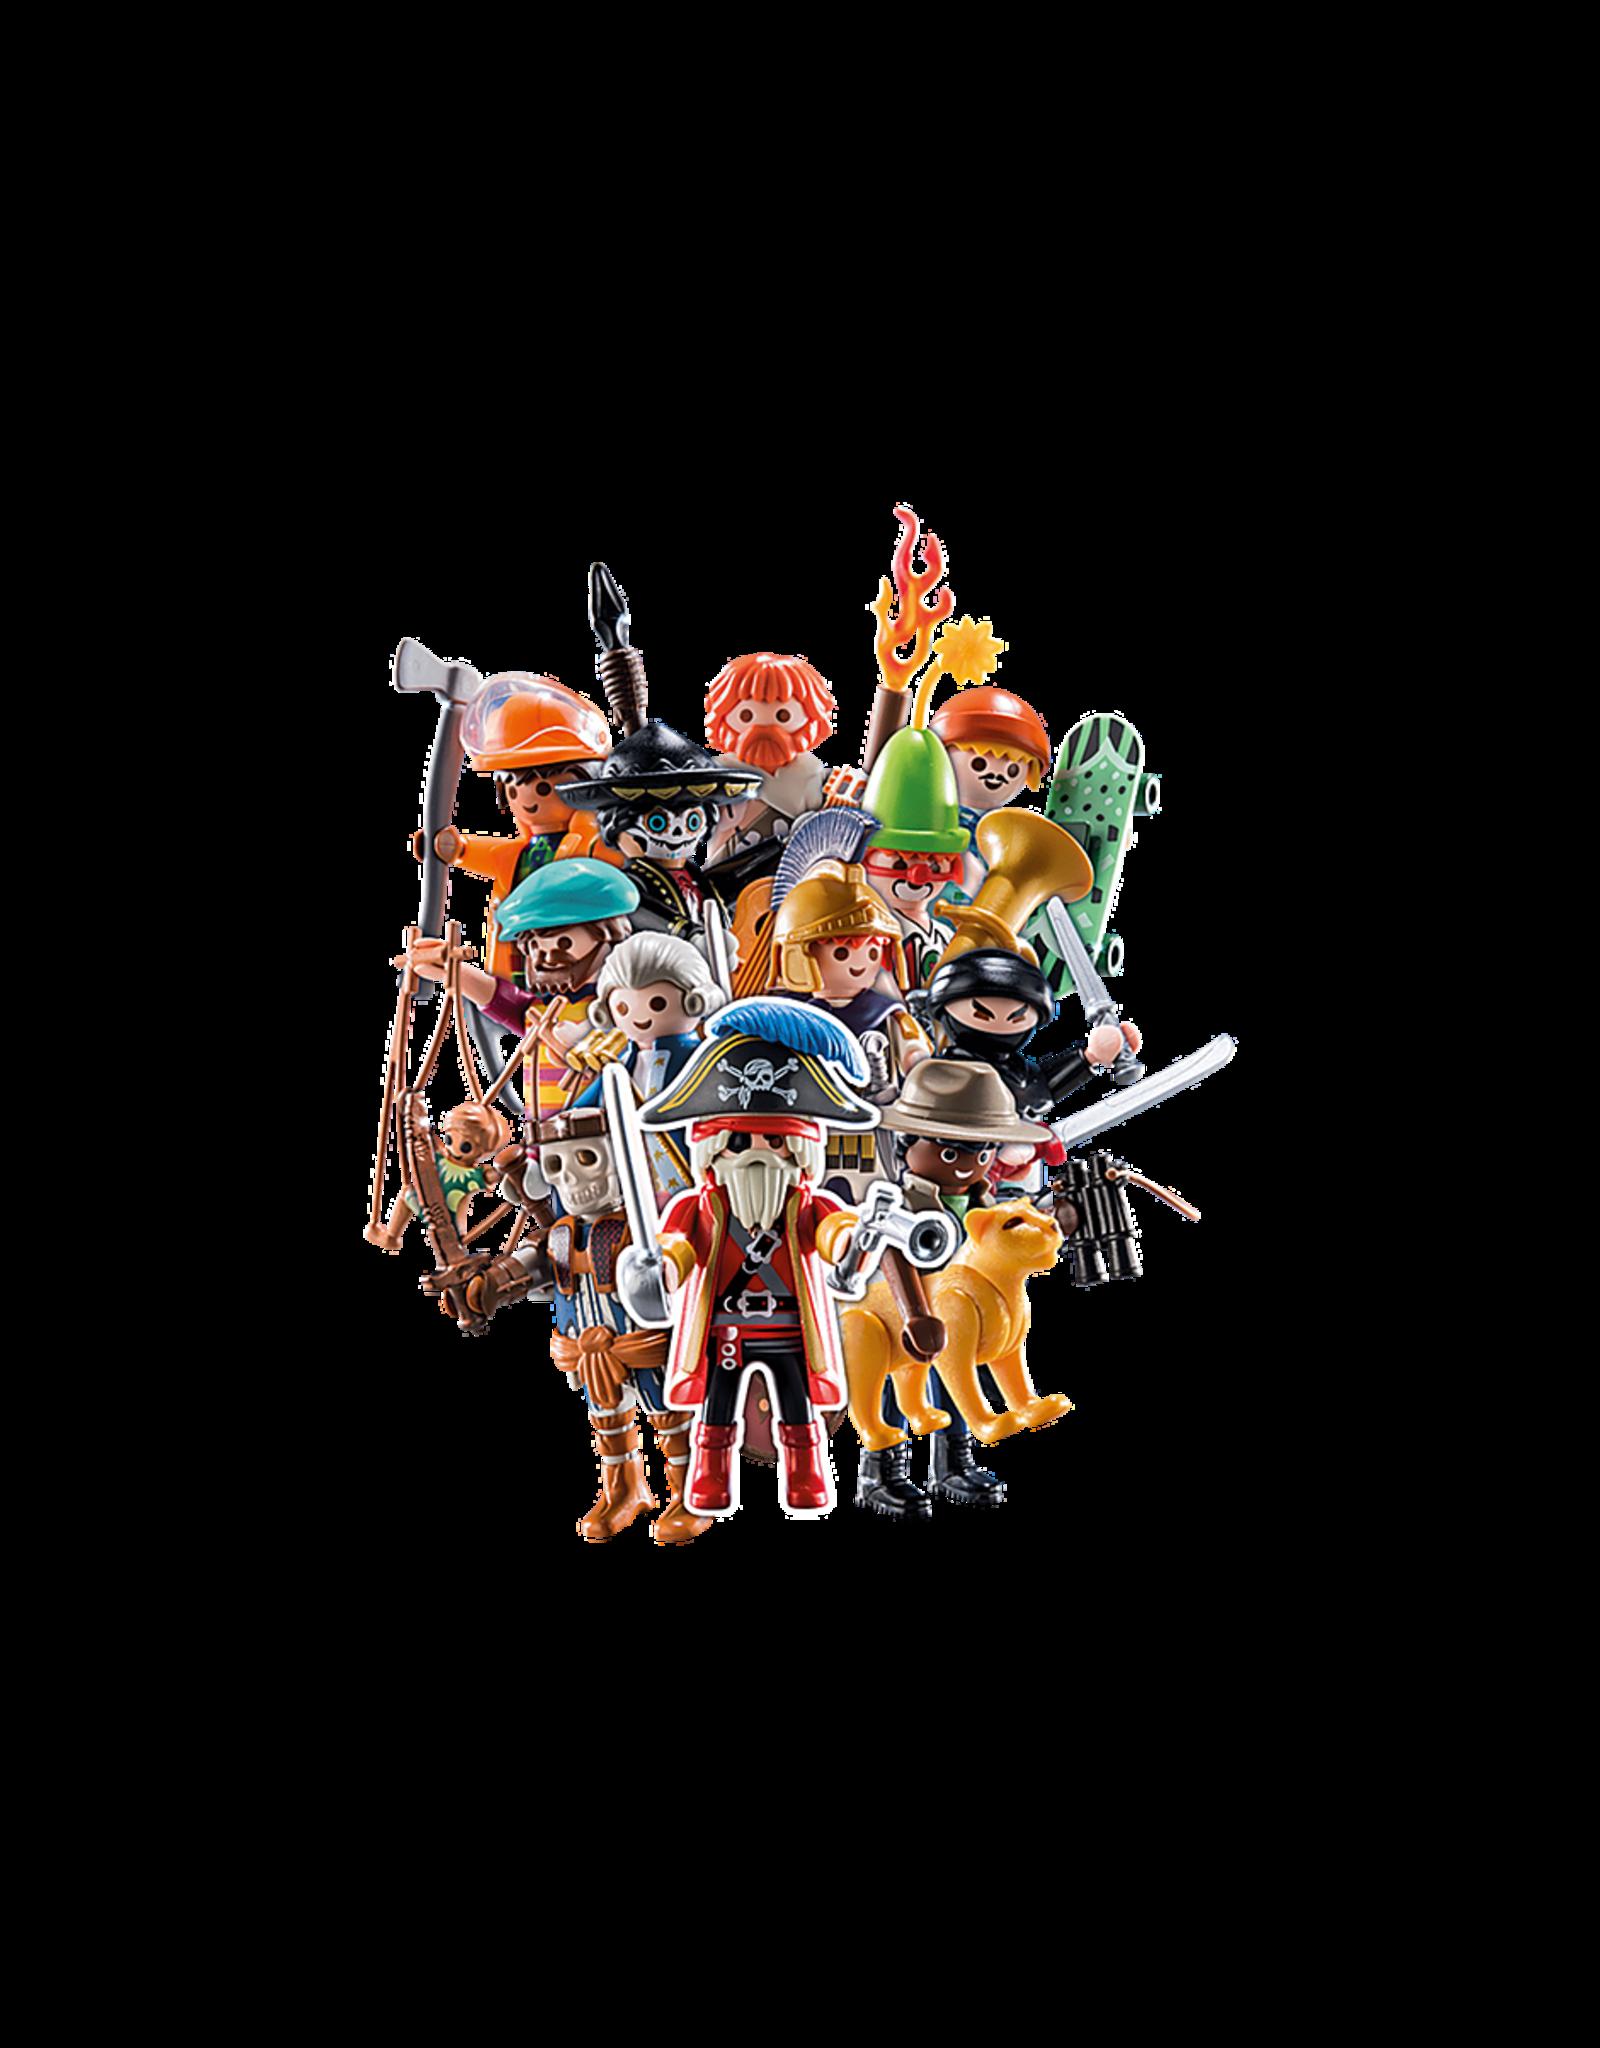 Playmobil Playmobil Figure Series 20 Boys